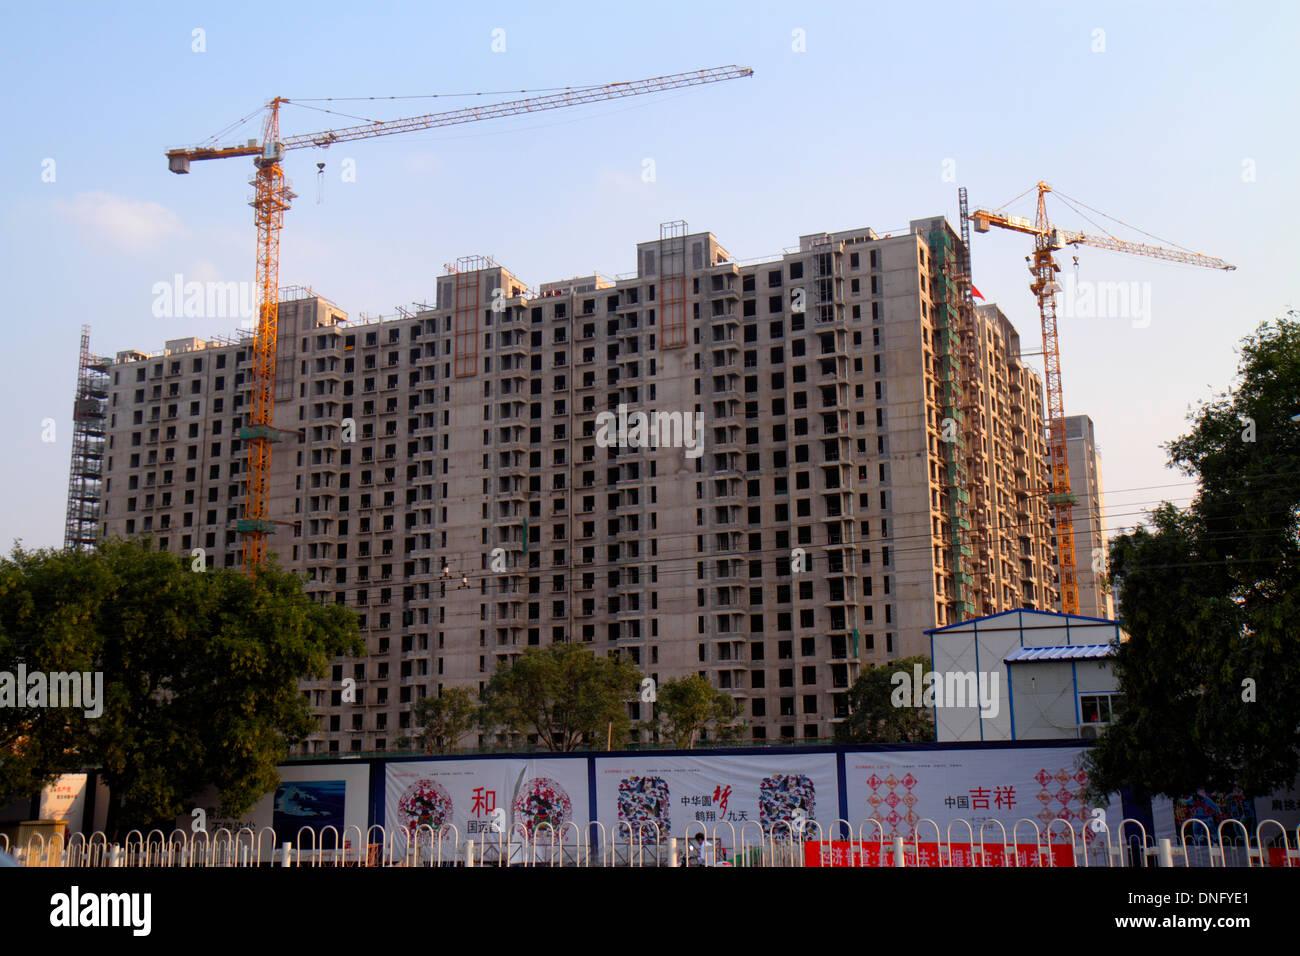 Beijing China Xicheng District Guang An Men Nei Da Jie Guanganmen Inner Street construction economic development high rise apart - Stock Image